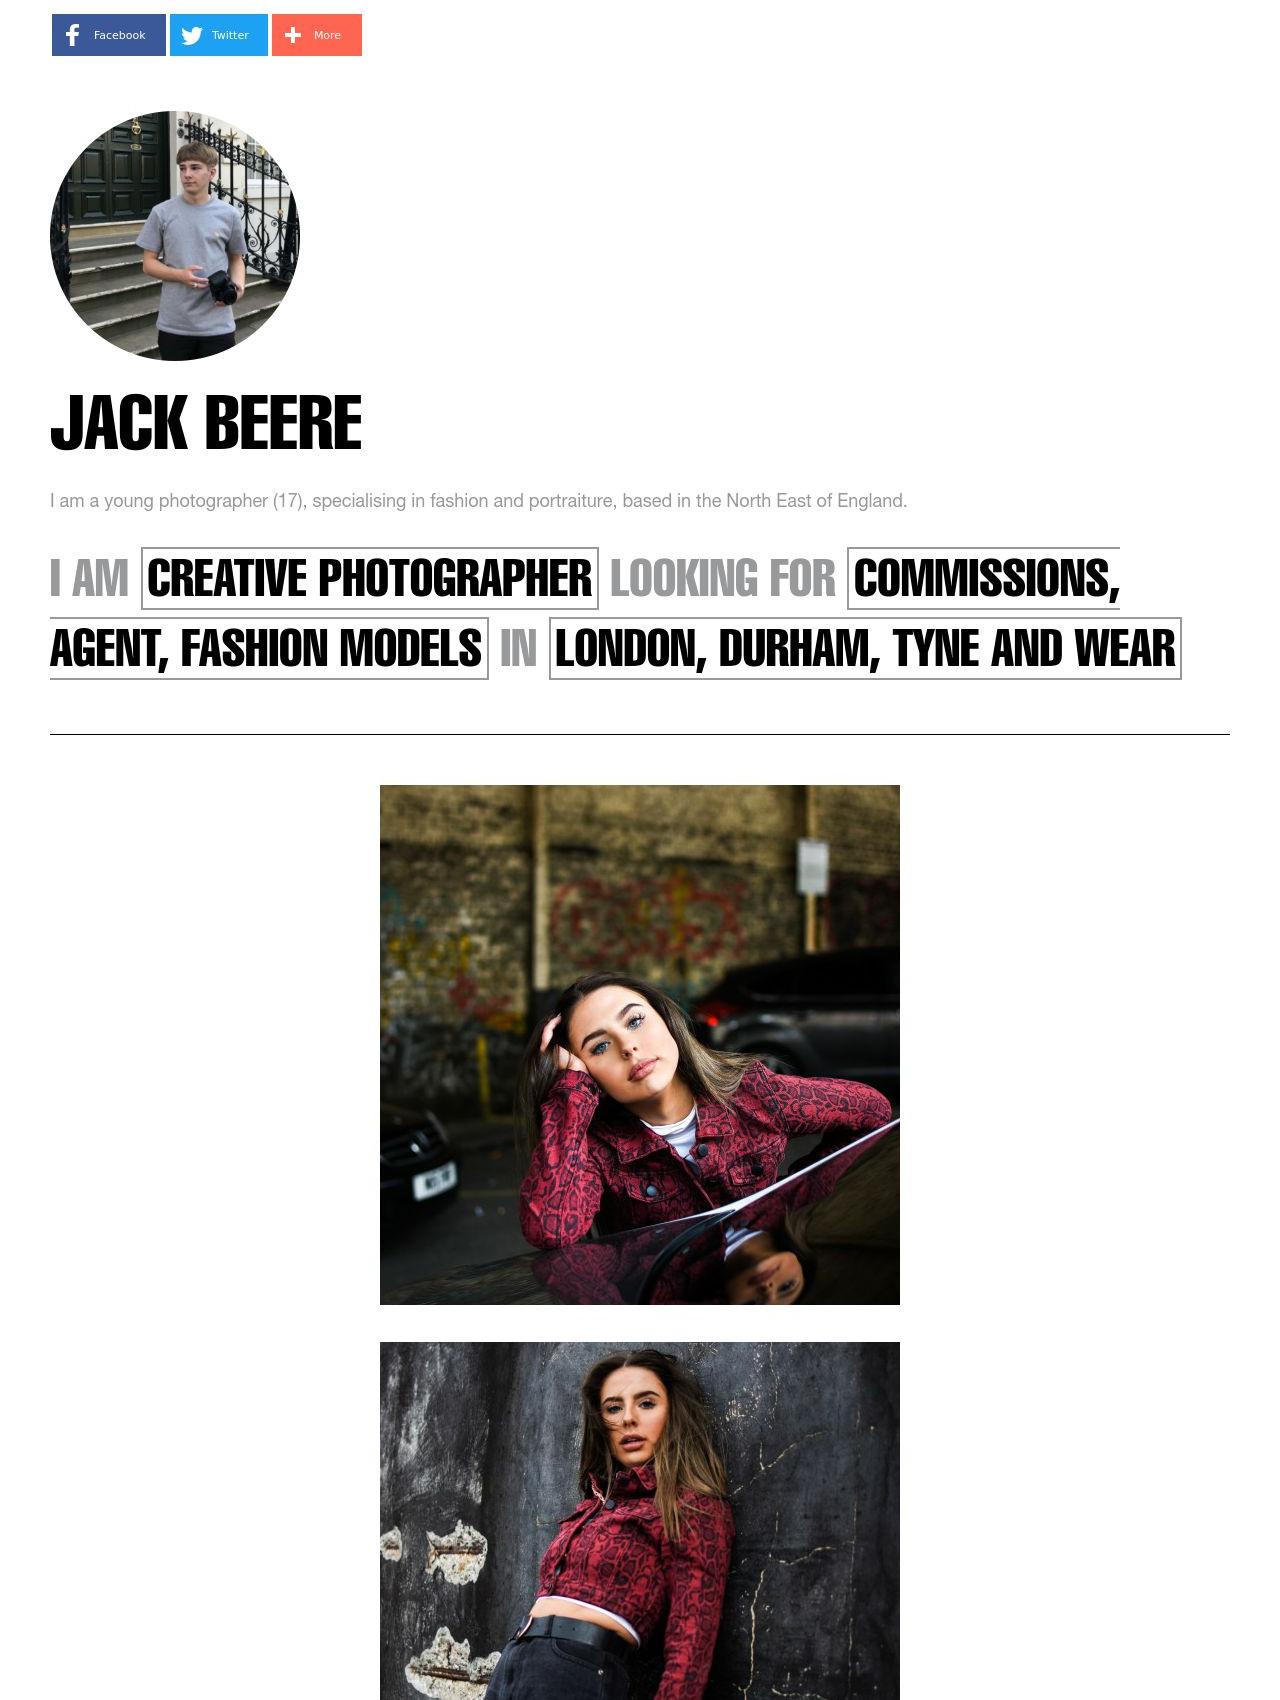 Jack Beere